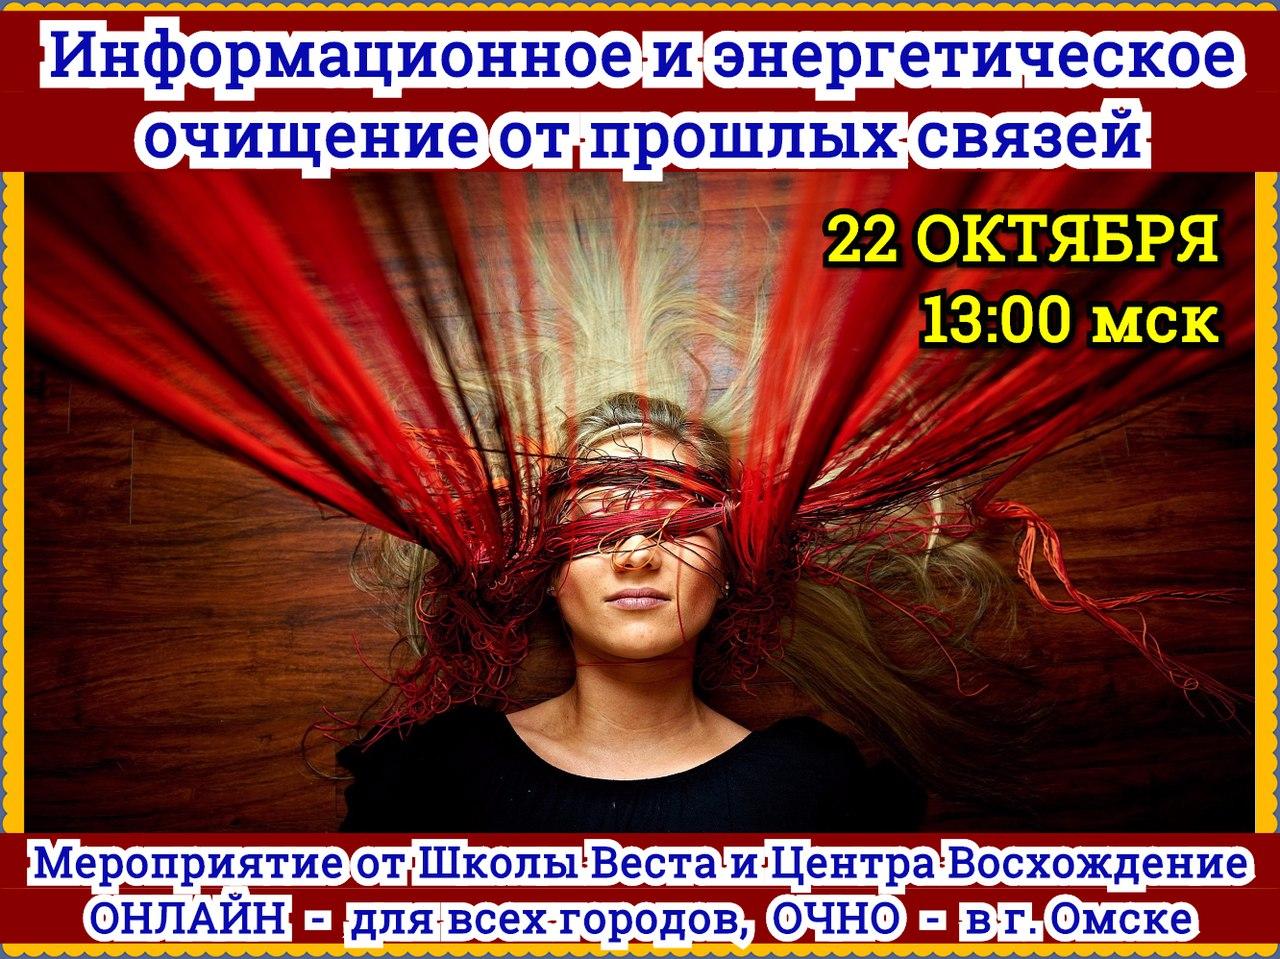 """22.10.""""Информационное и энергетическое очищение от прошлых связей"""" QRmyBzvZqTU"""